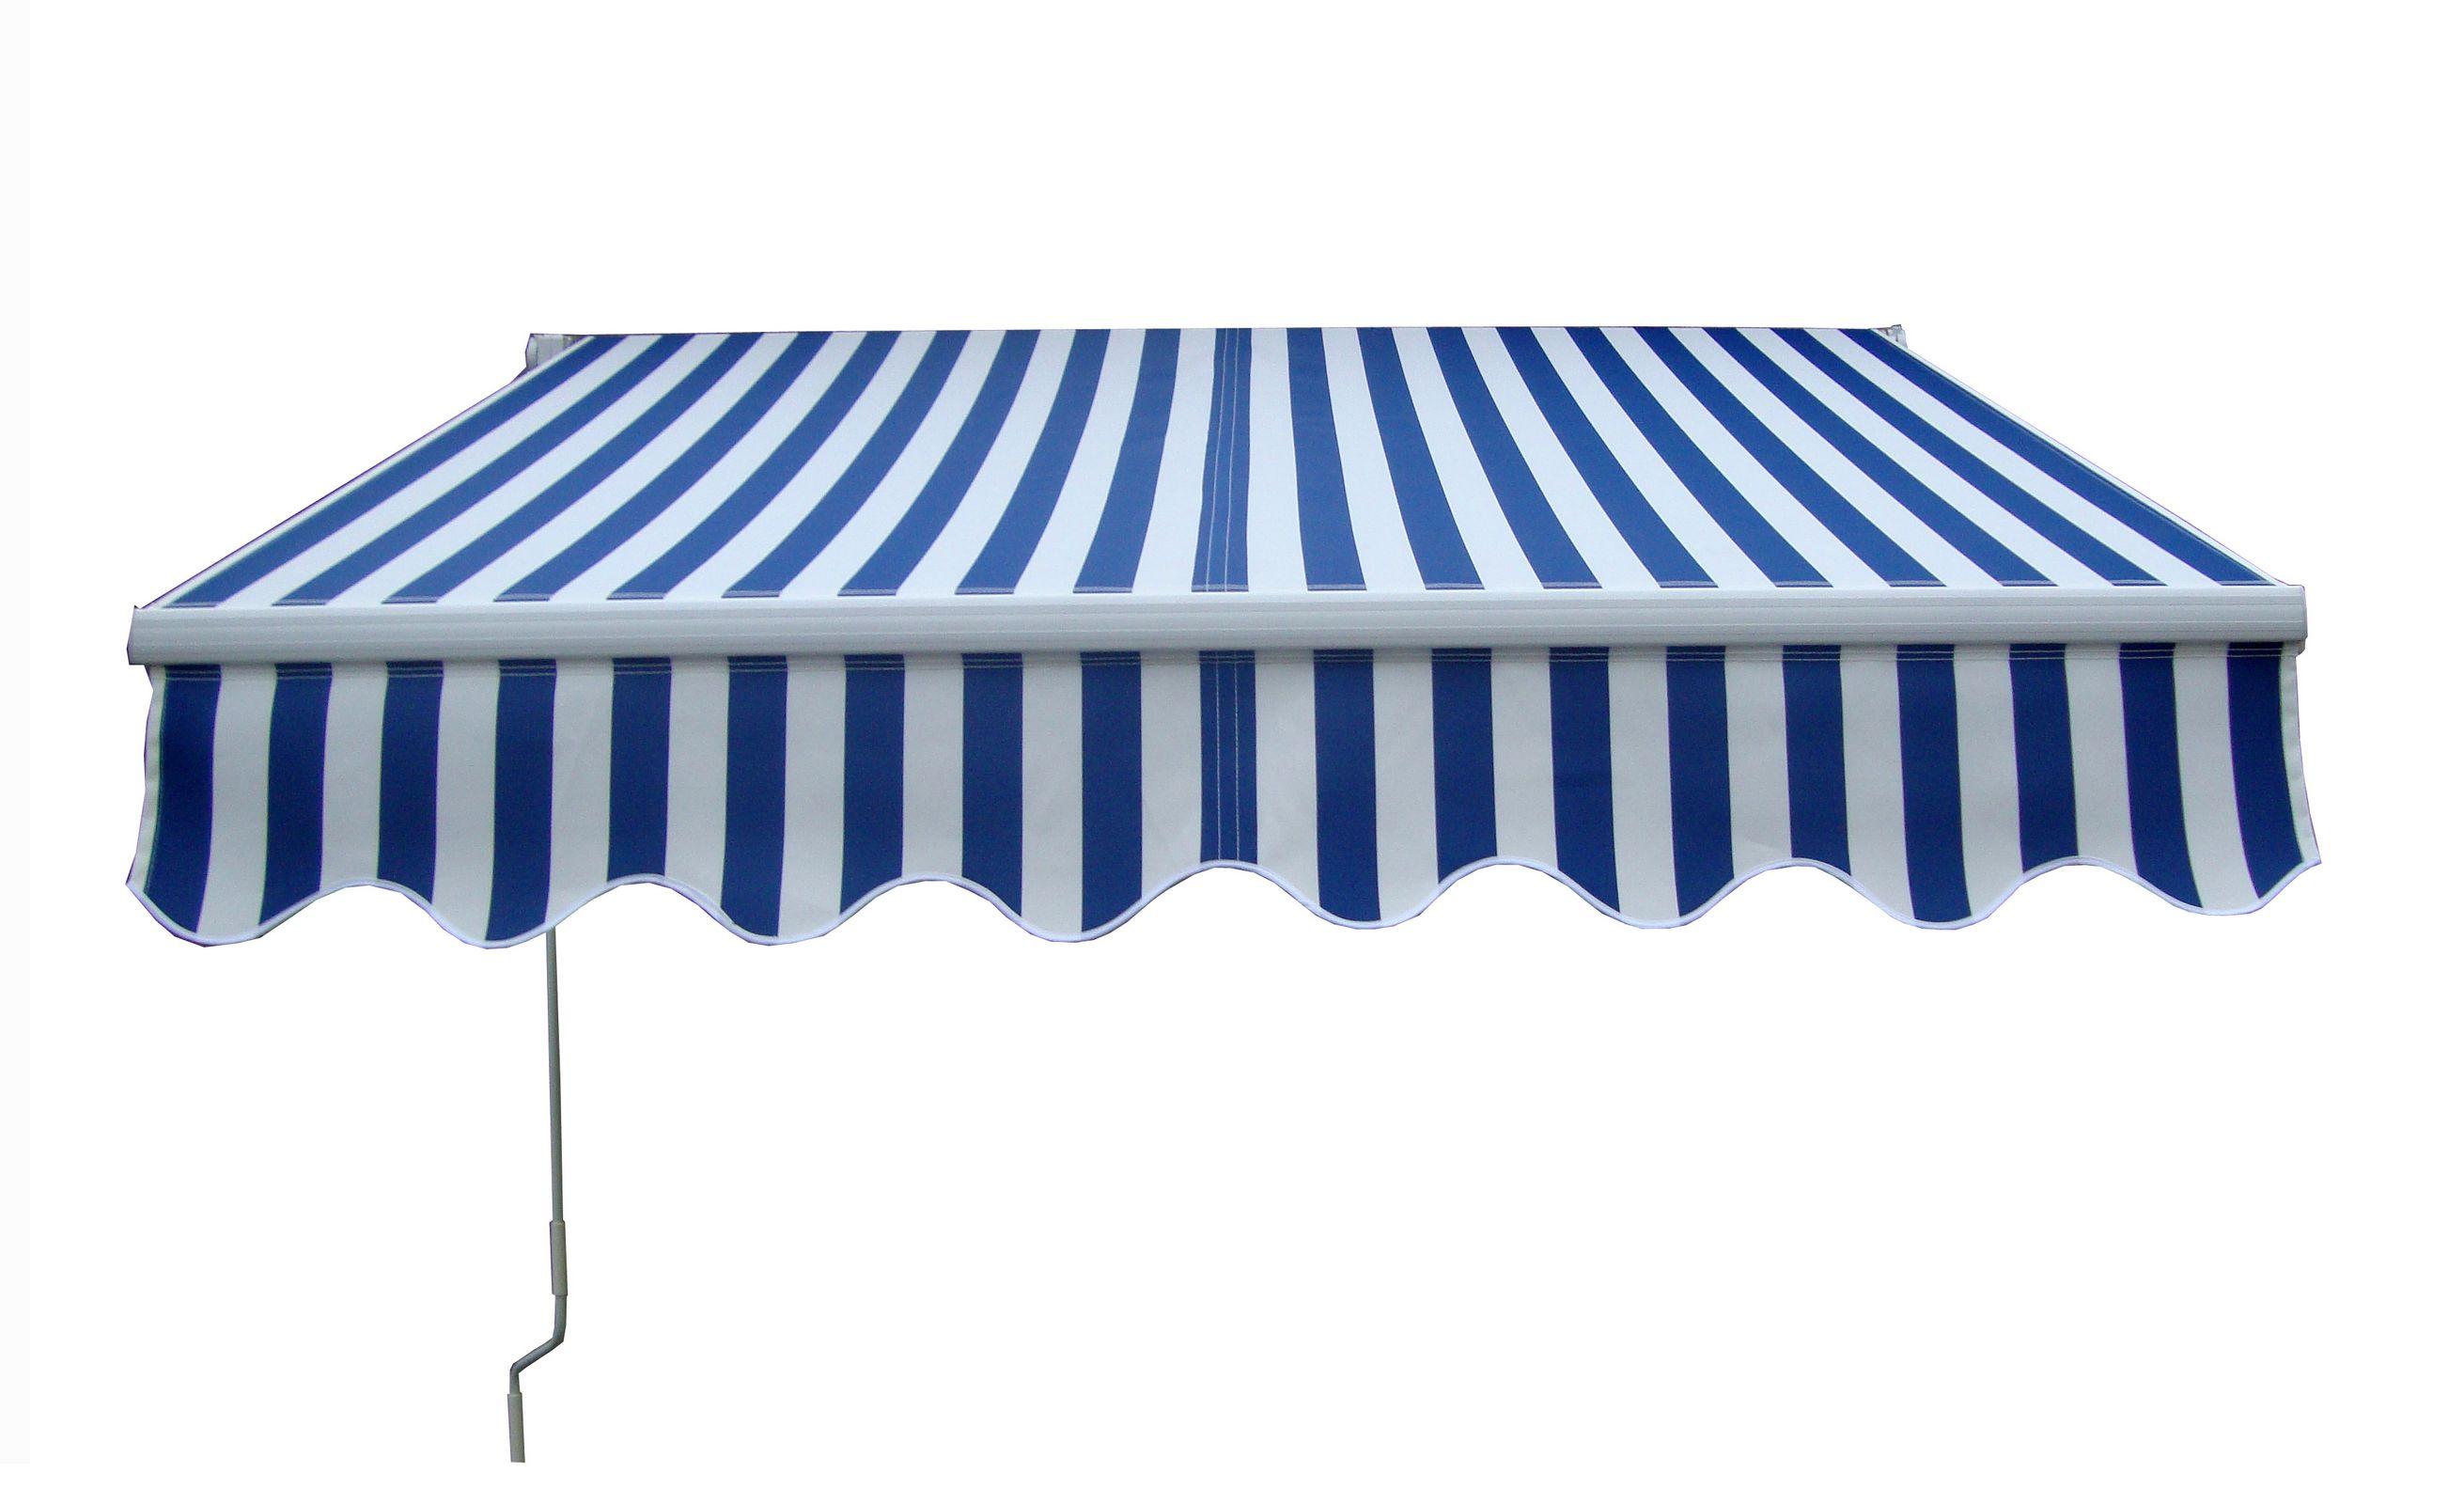 4mx3m manuel einziehbar markise garten terrasse baldachin schutz sonnenschirm. Black Bedroom Furniture Sets. Home Design Ideas